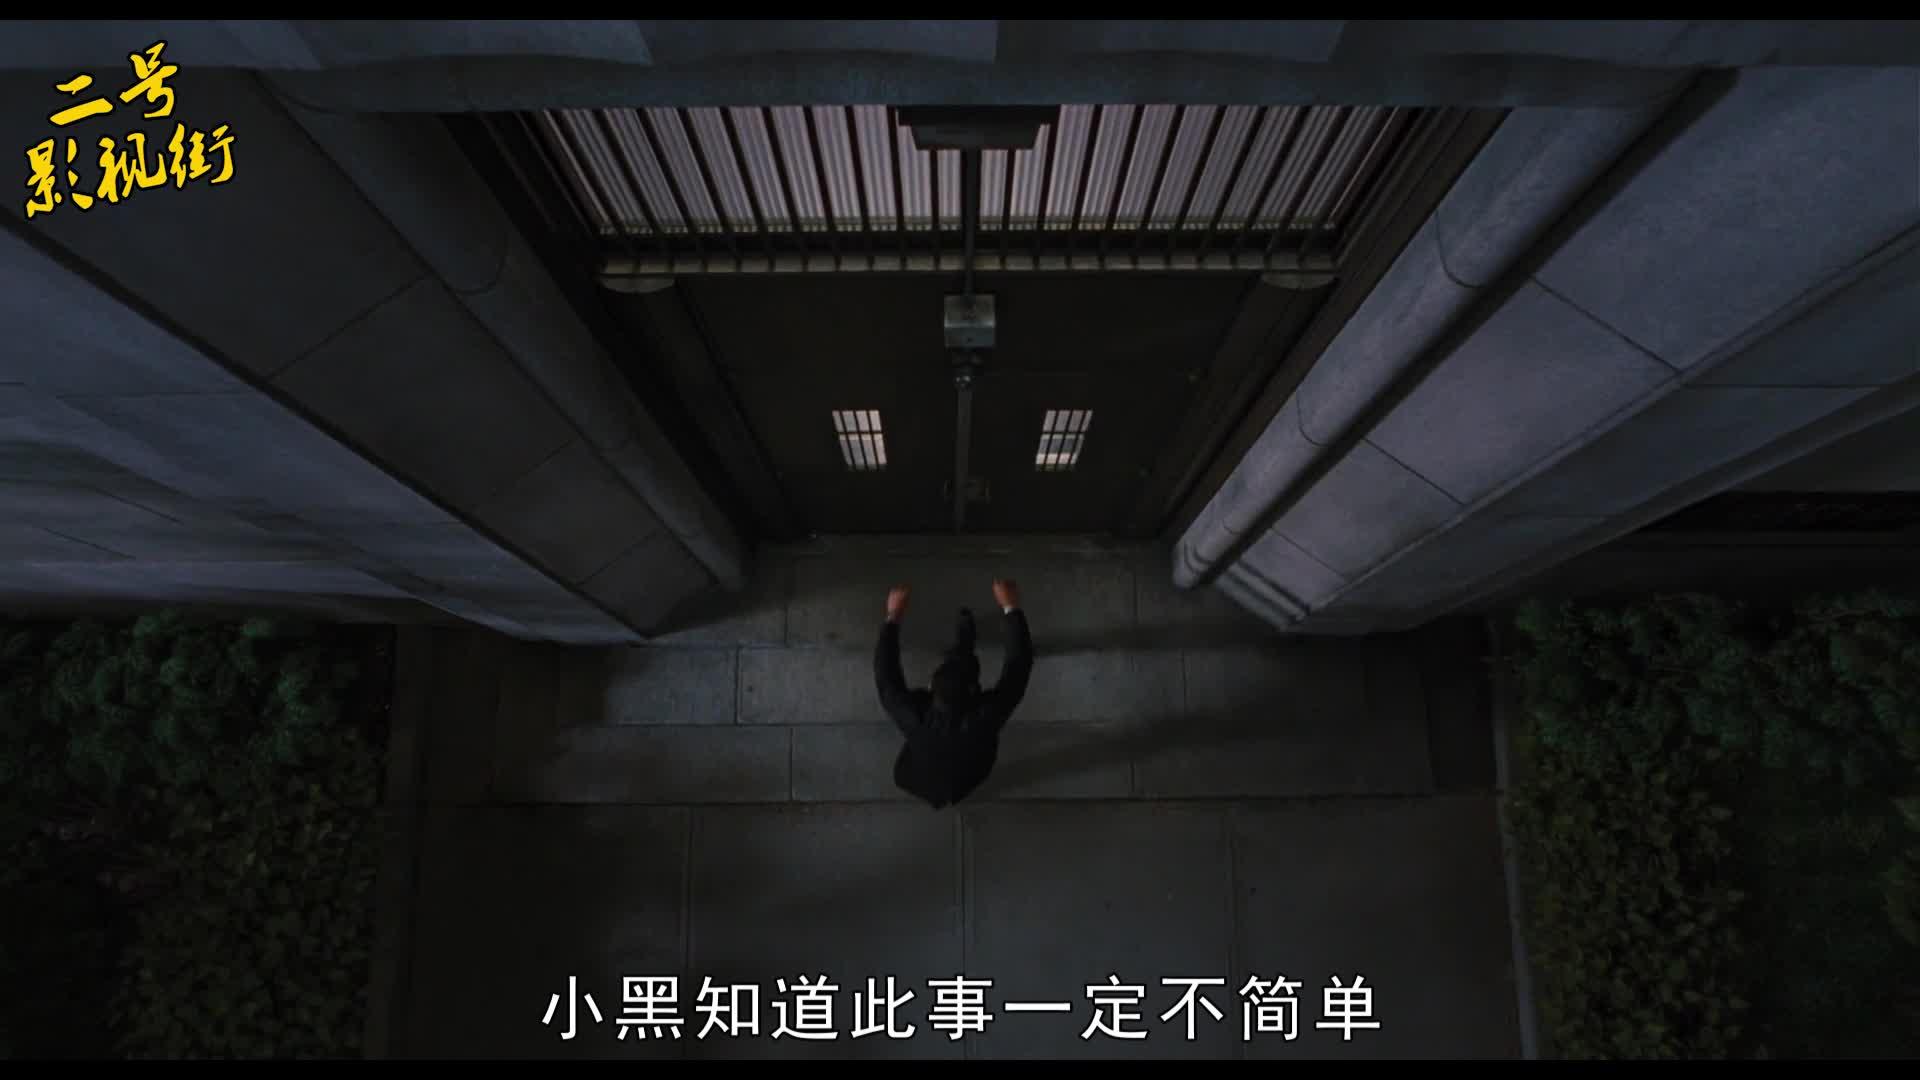 #黑衣人3#《黑衣人3》波澜再起,这么厉害的监狱却被一个大美女轻松劫狱